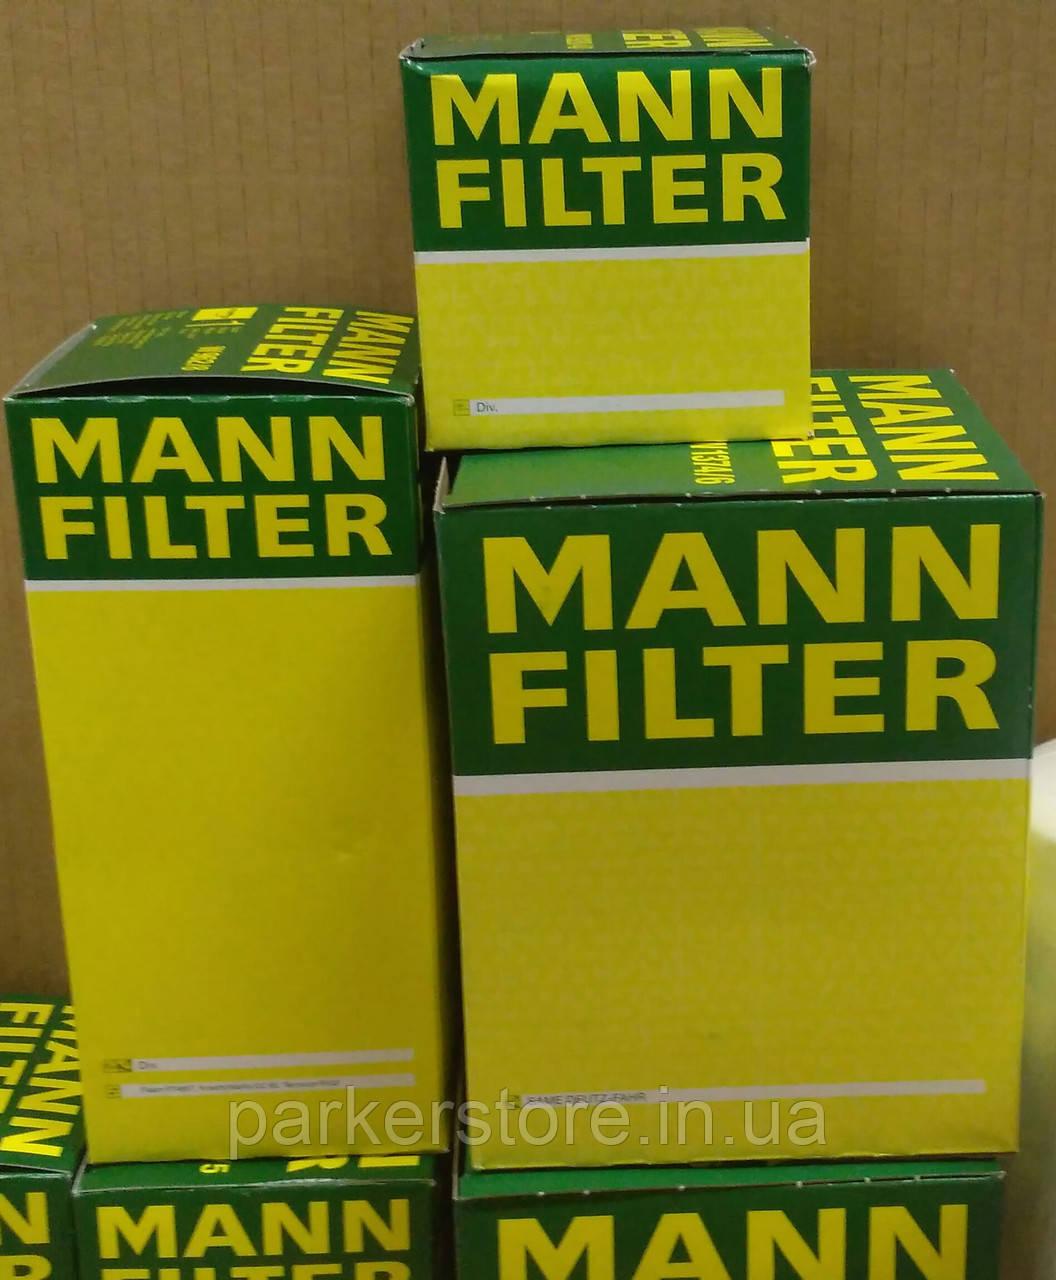 MANN FILTER / Воздушный фильтр / C 34 116 / C34116